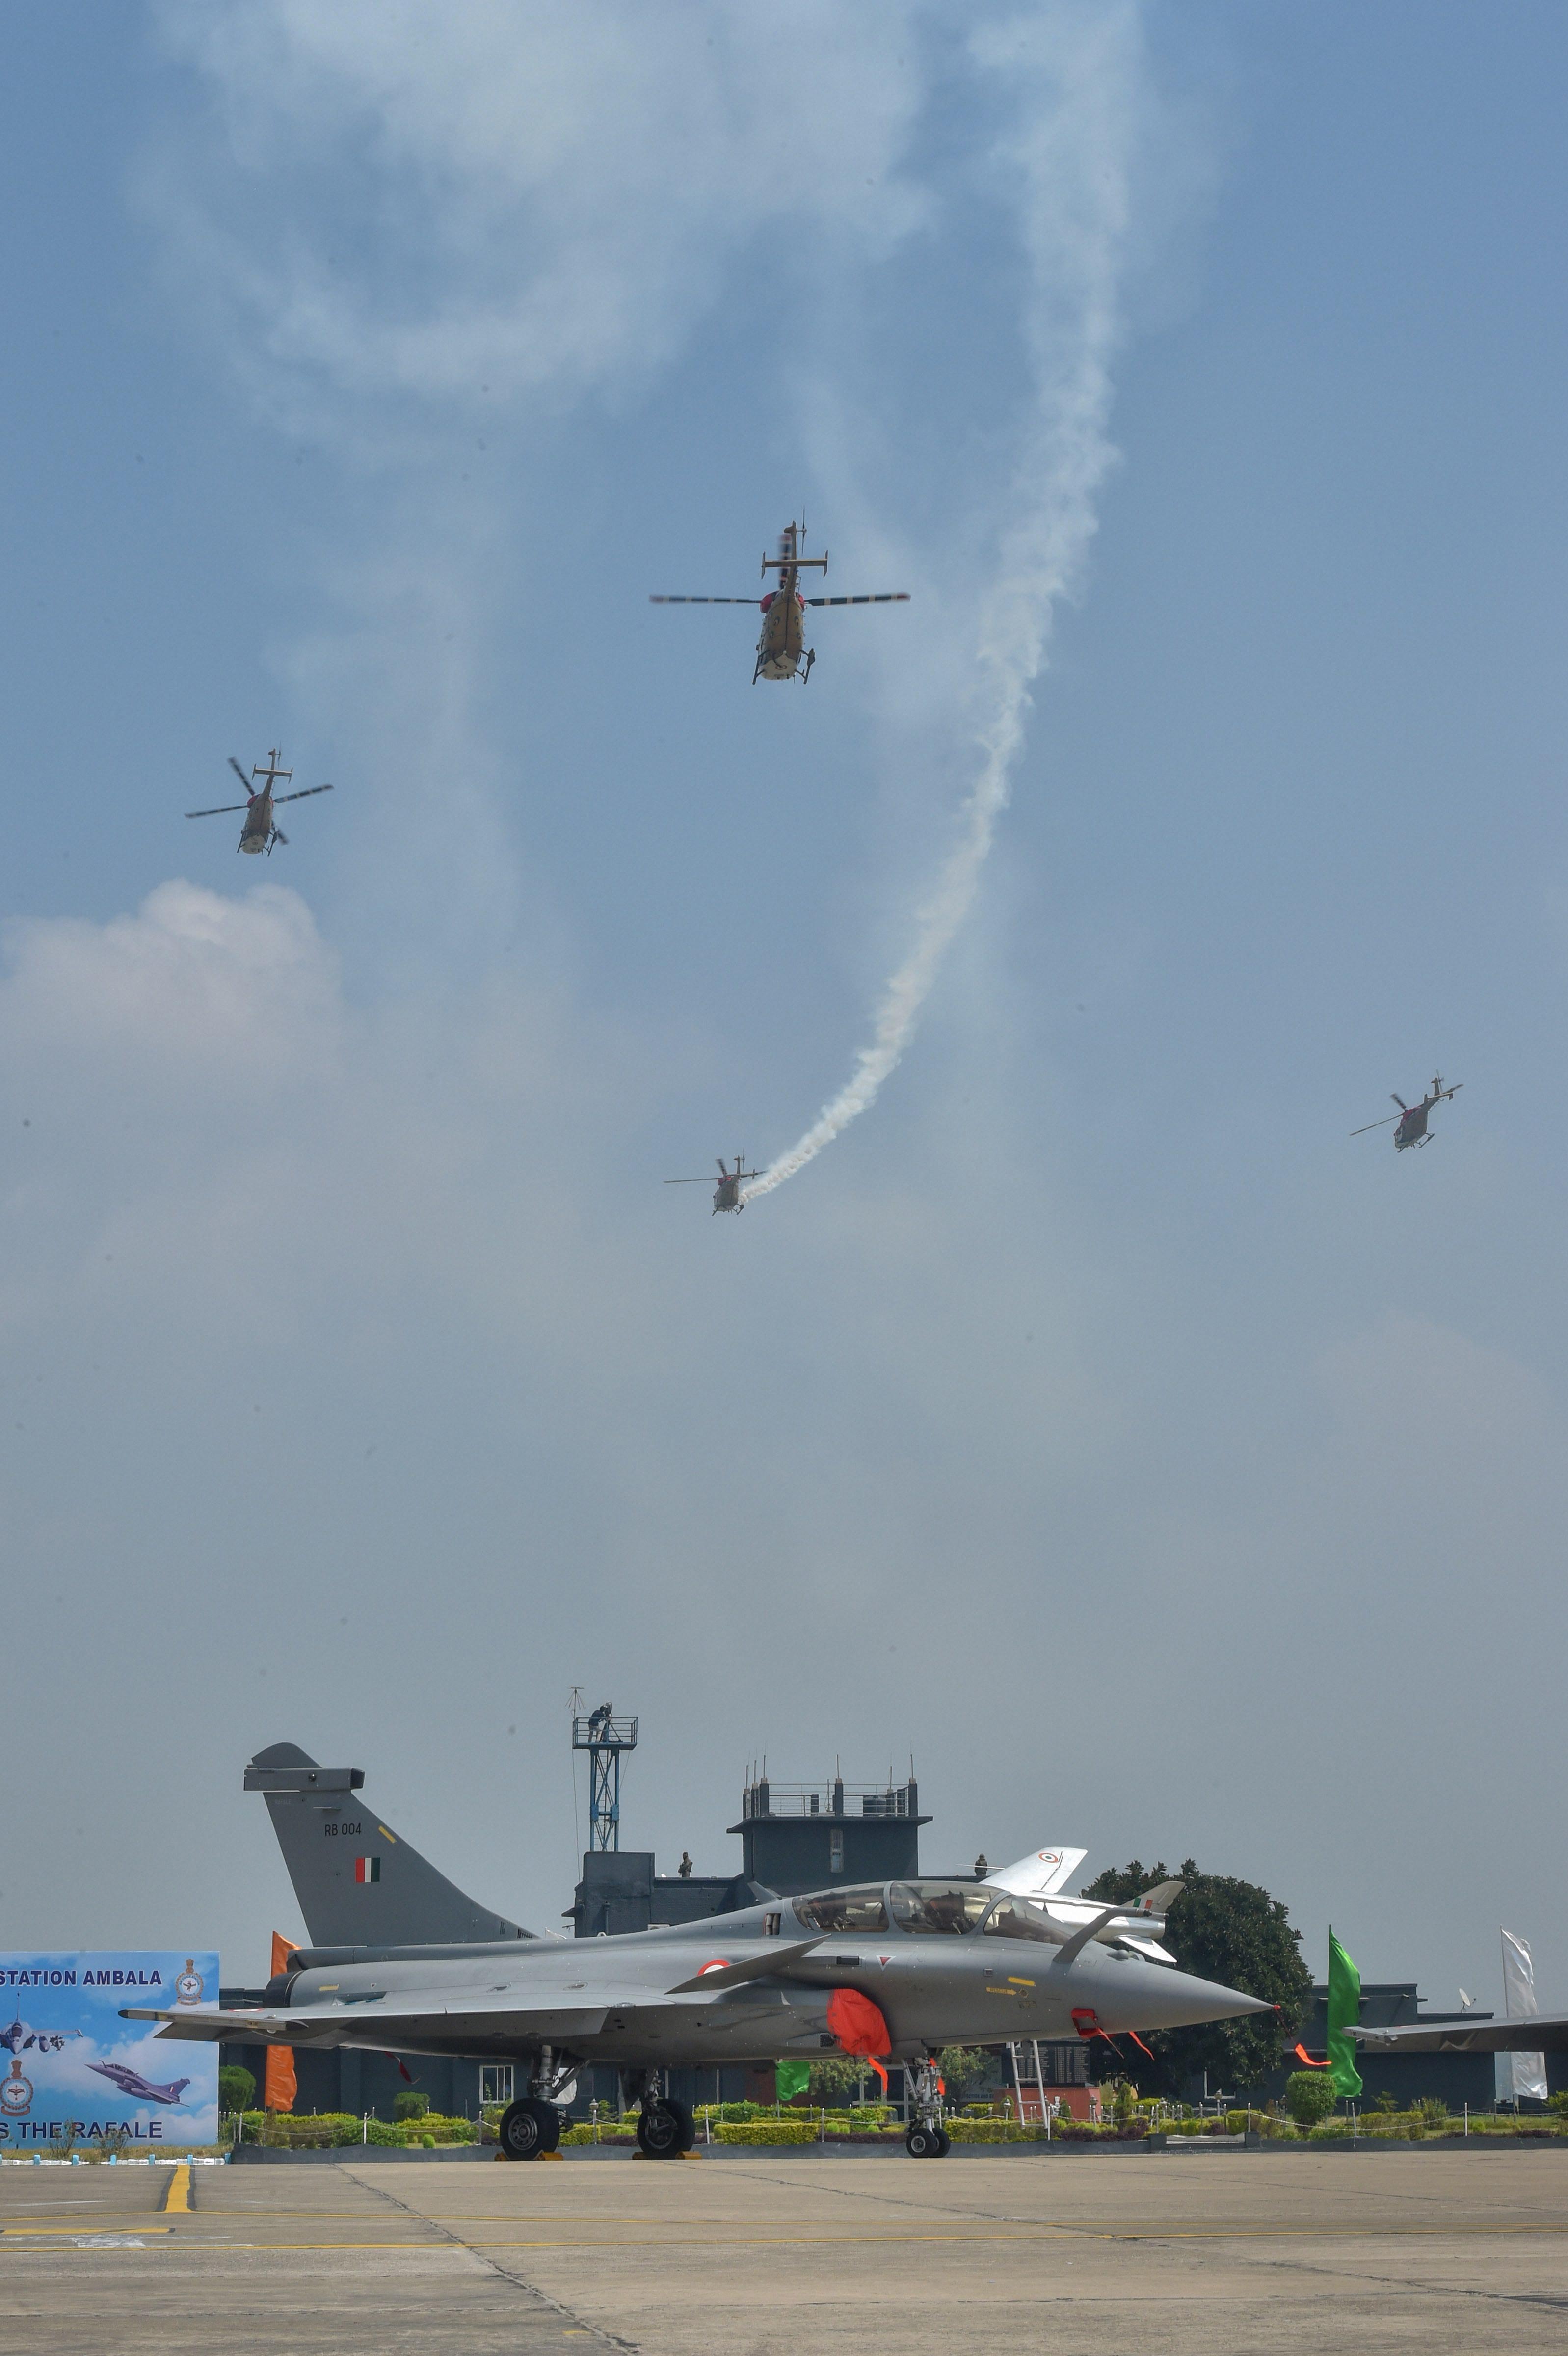 एयरफोर्स के सारंग हेलिकॉप्टर्स ने भी परफॉर्म किया।